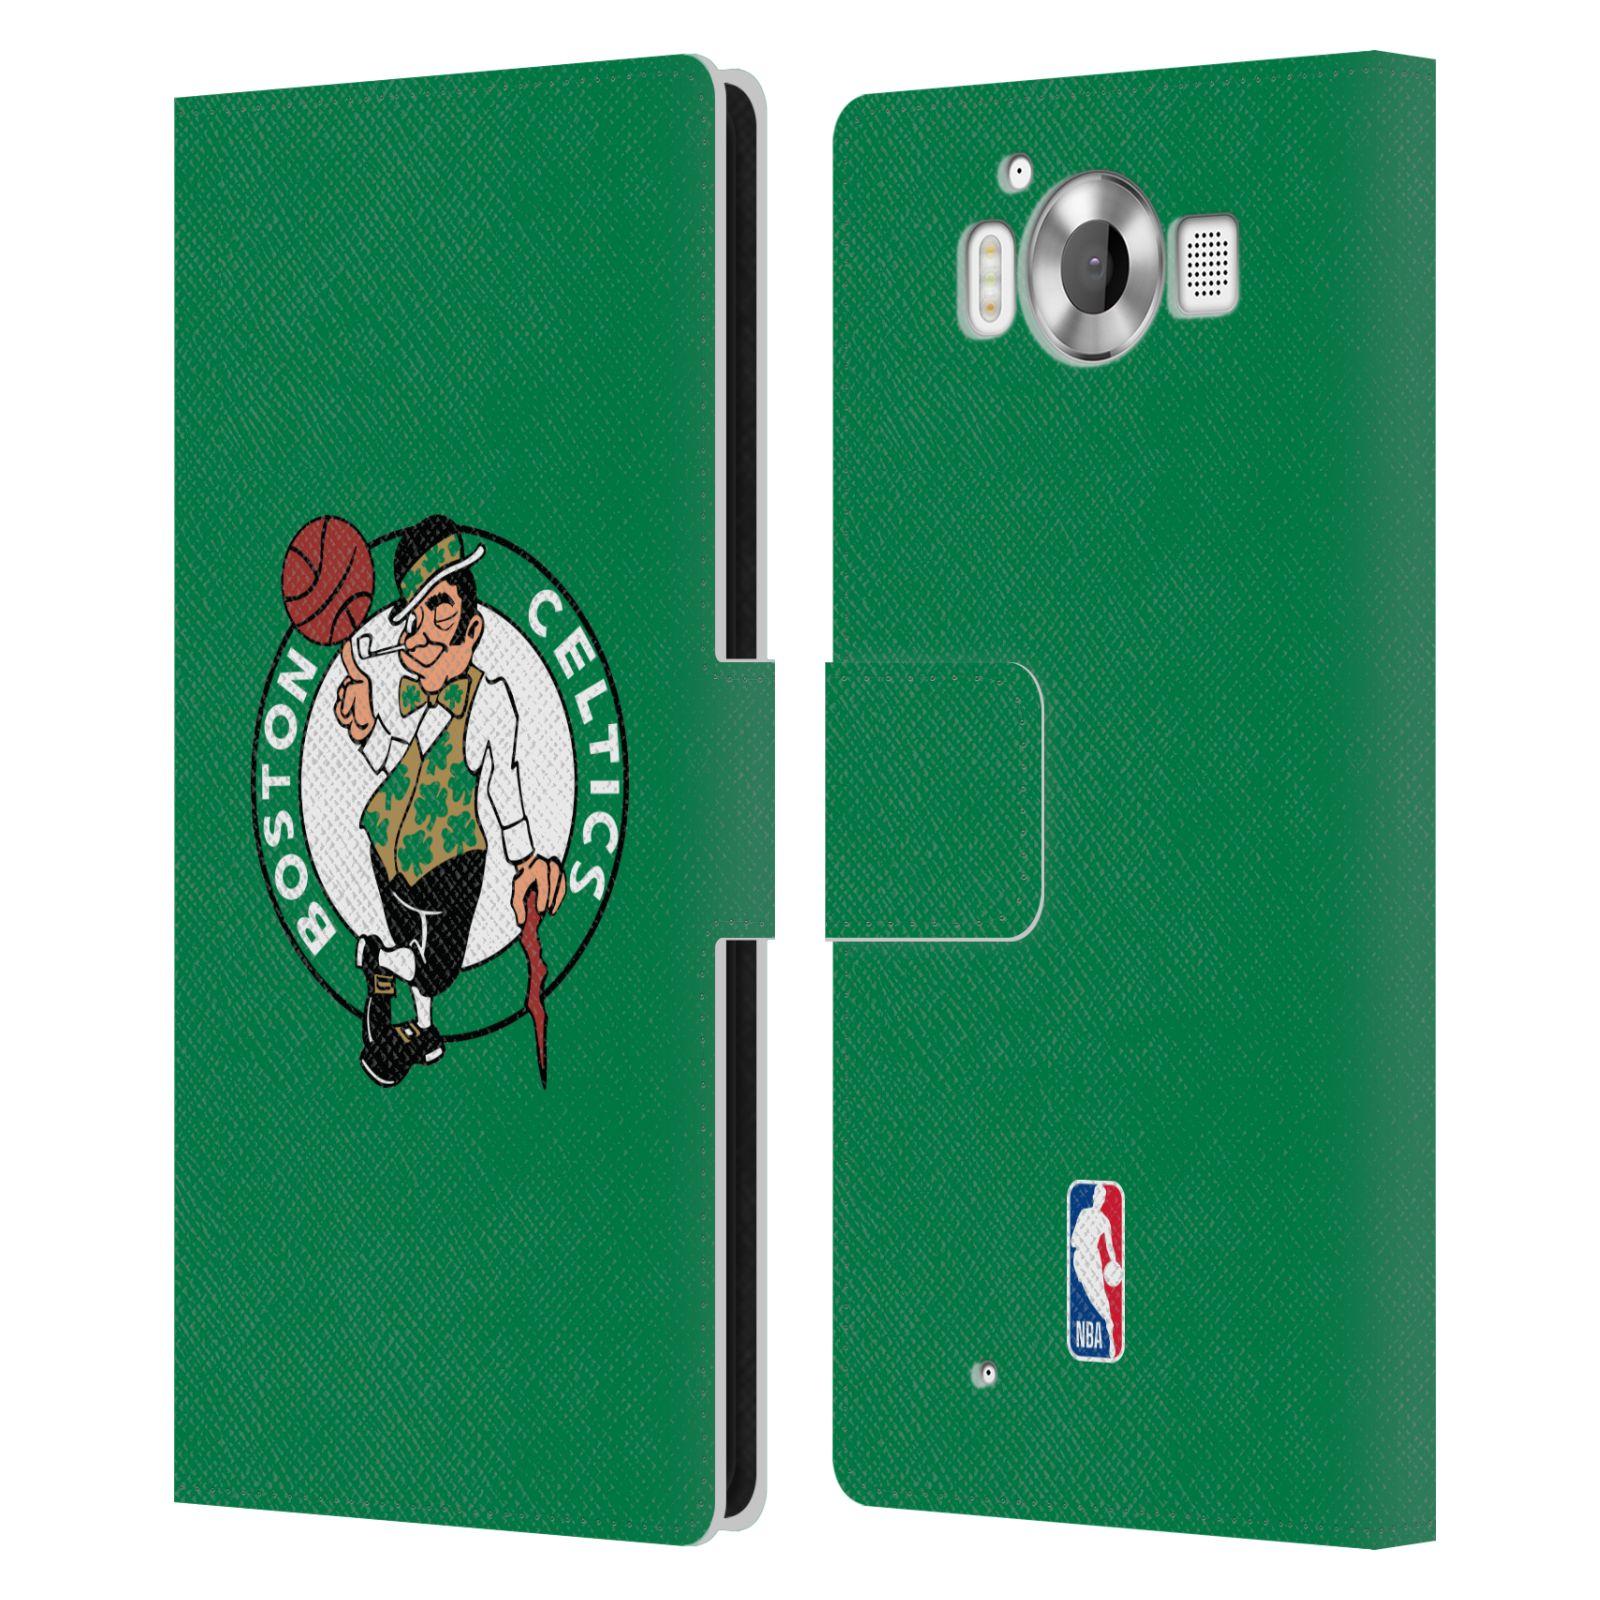 Pouzdro na mobil Nokia Lumia 950 - Head Case - NBA - Boston Celtics zelená barva znak